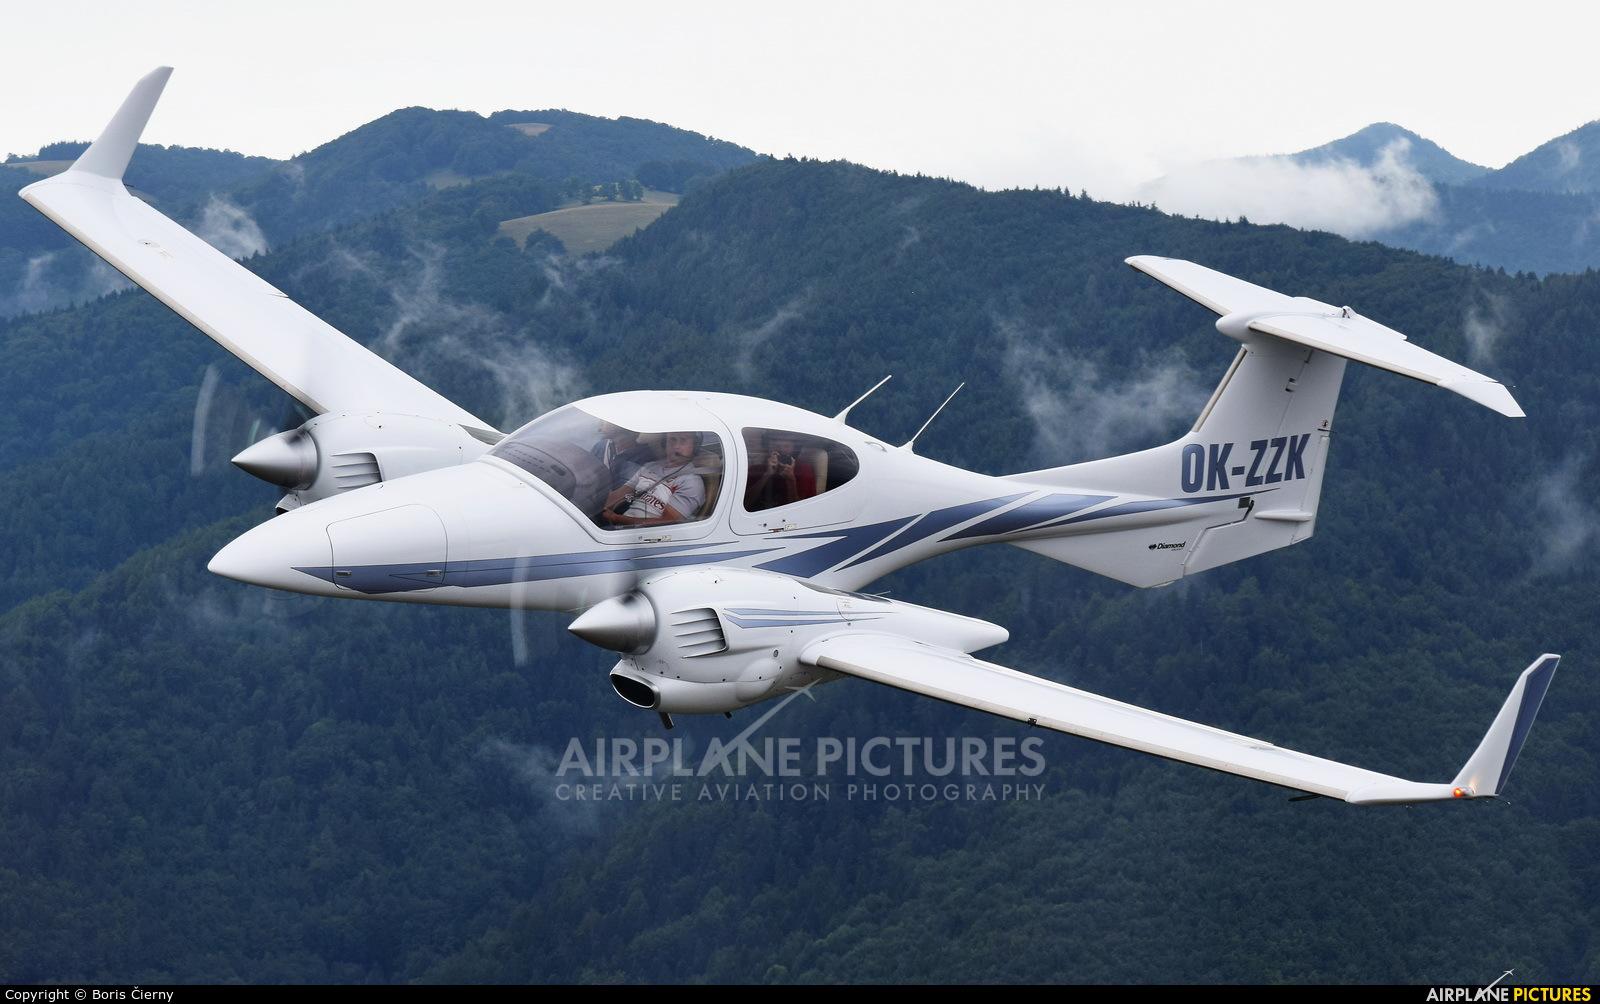 JetAge OK-ZZK aircraft at In Flight - Slovakia